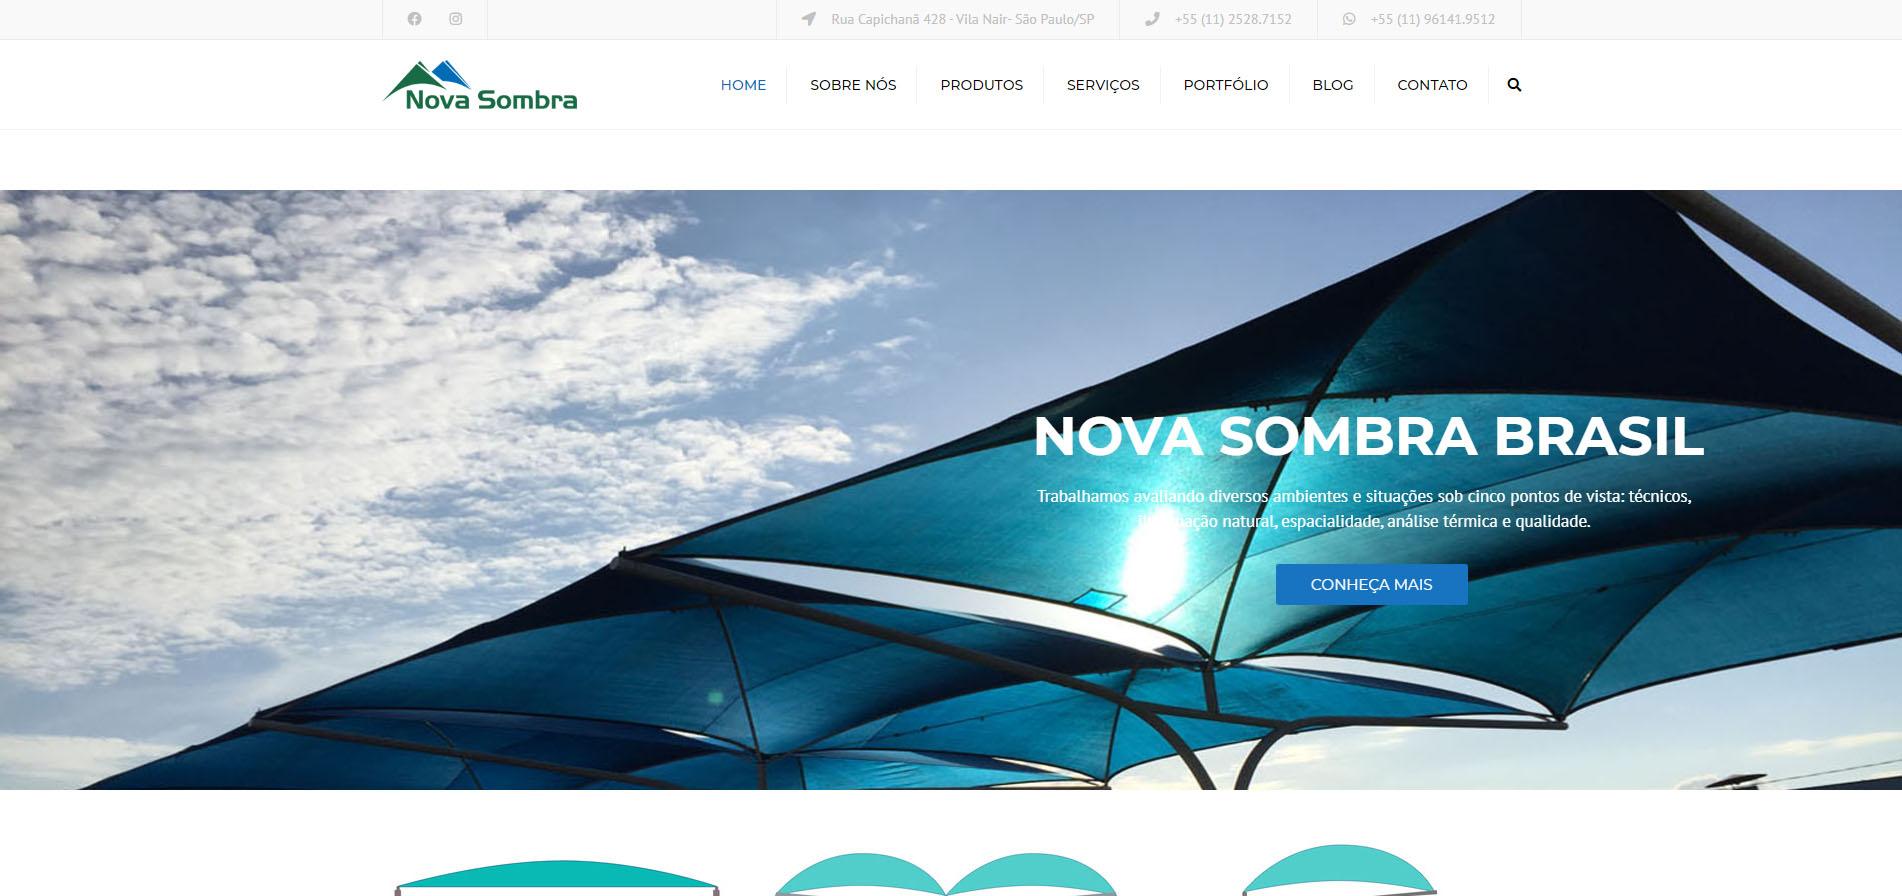 Nova Sombra Brasil